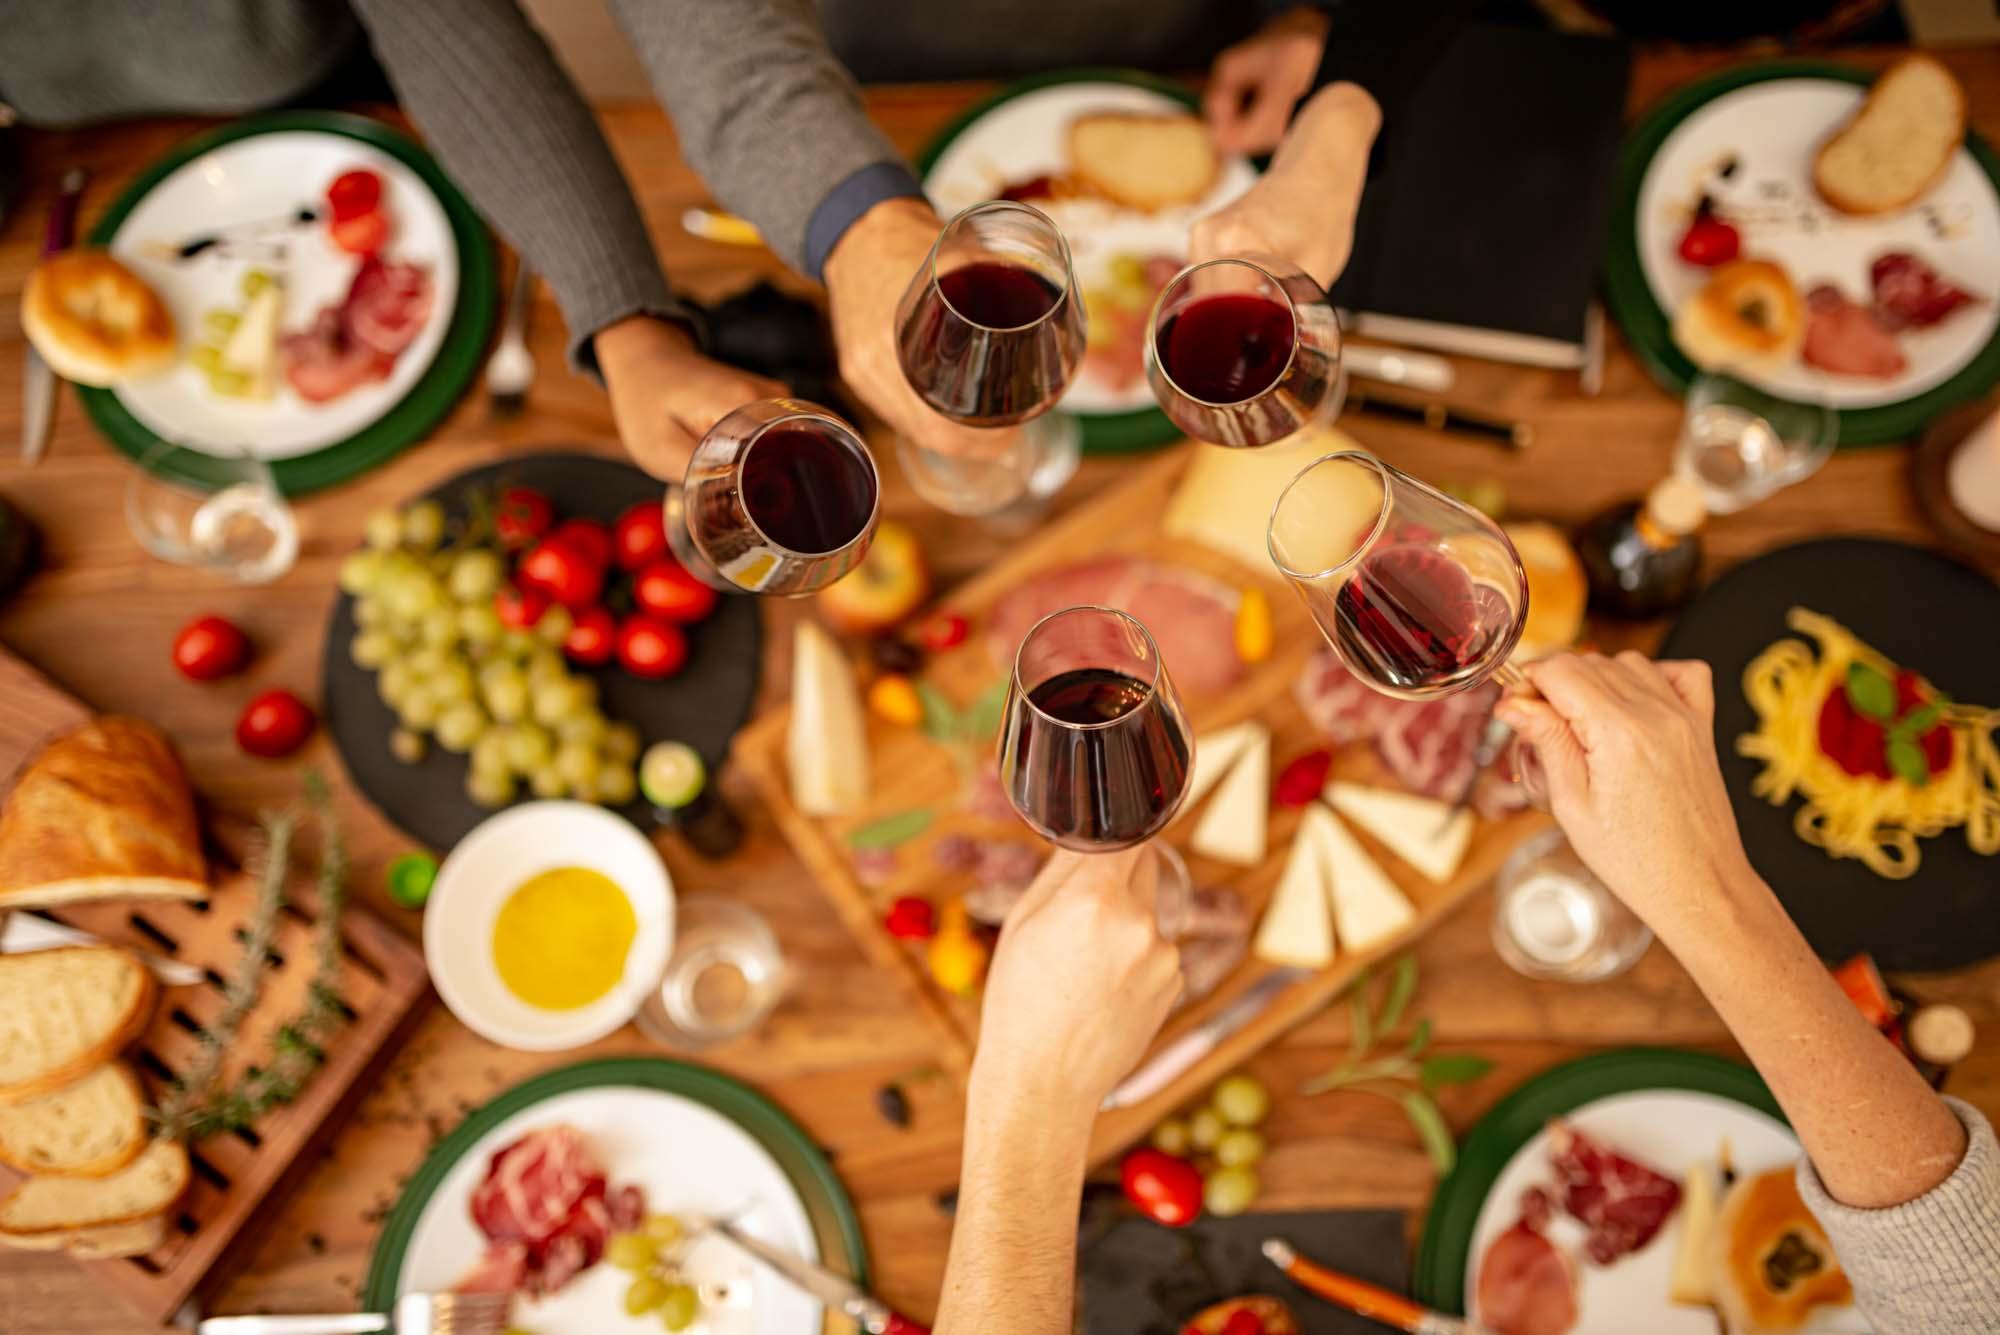 Corsi Di Cucina Cene Aziendali a Arezzo